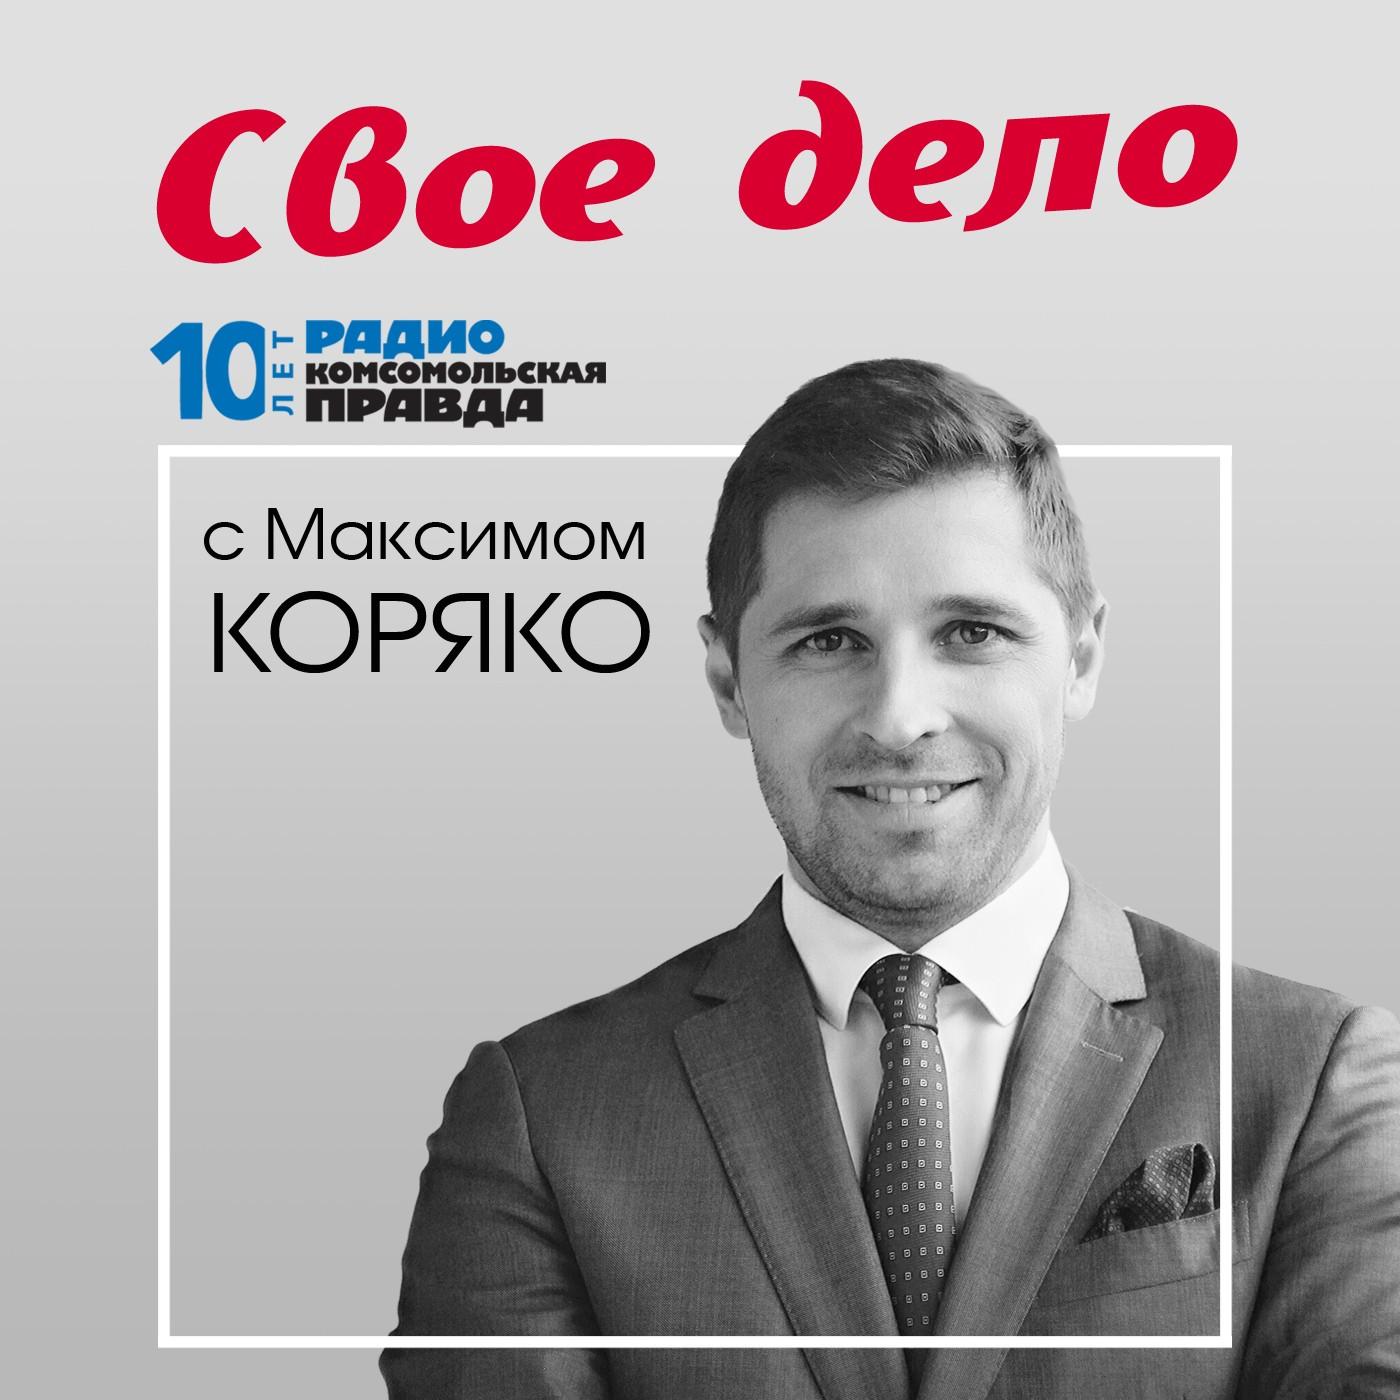 Радио «Комсомольская правда» Как заработать на сигнале SOS? гриффис м эпштейн л как заработать на акциях для чайников